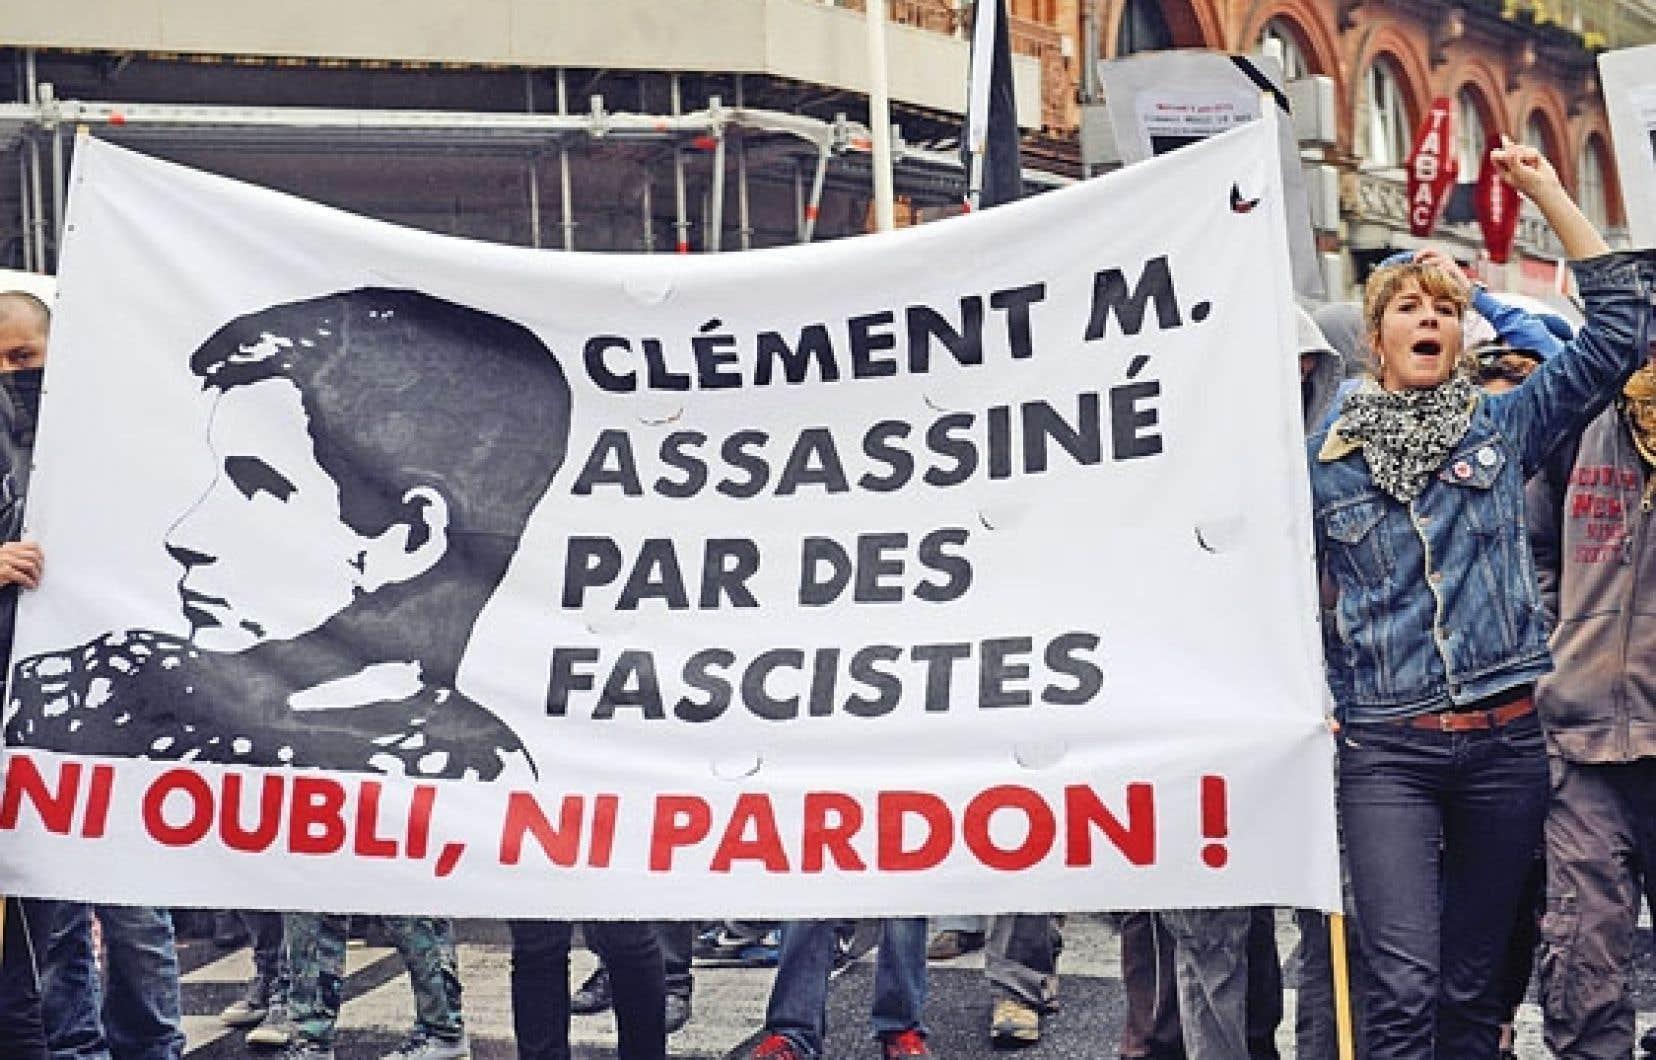 Le meurtre du jeune Clément Méric a suscité de vives réactions, et des manifestations ont eu lieu à sa mémoire en France.